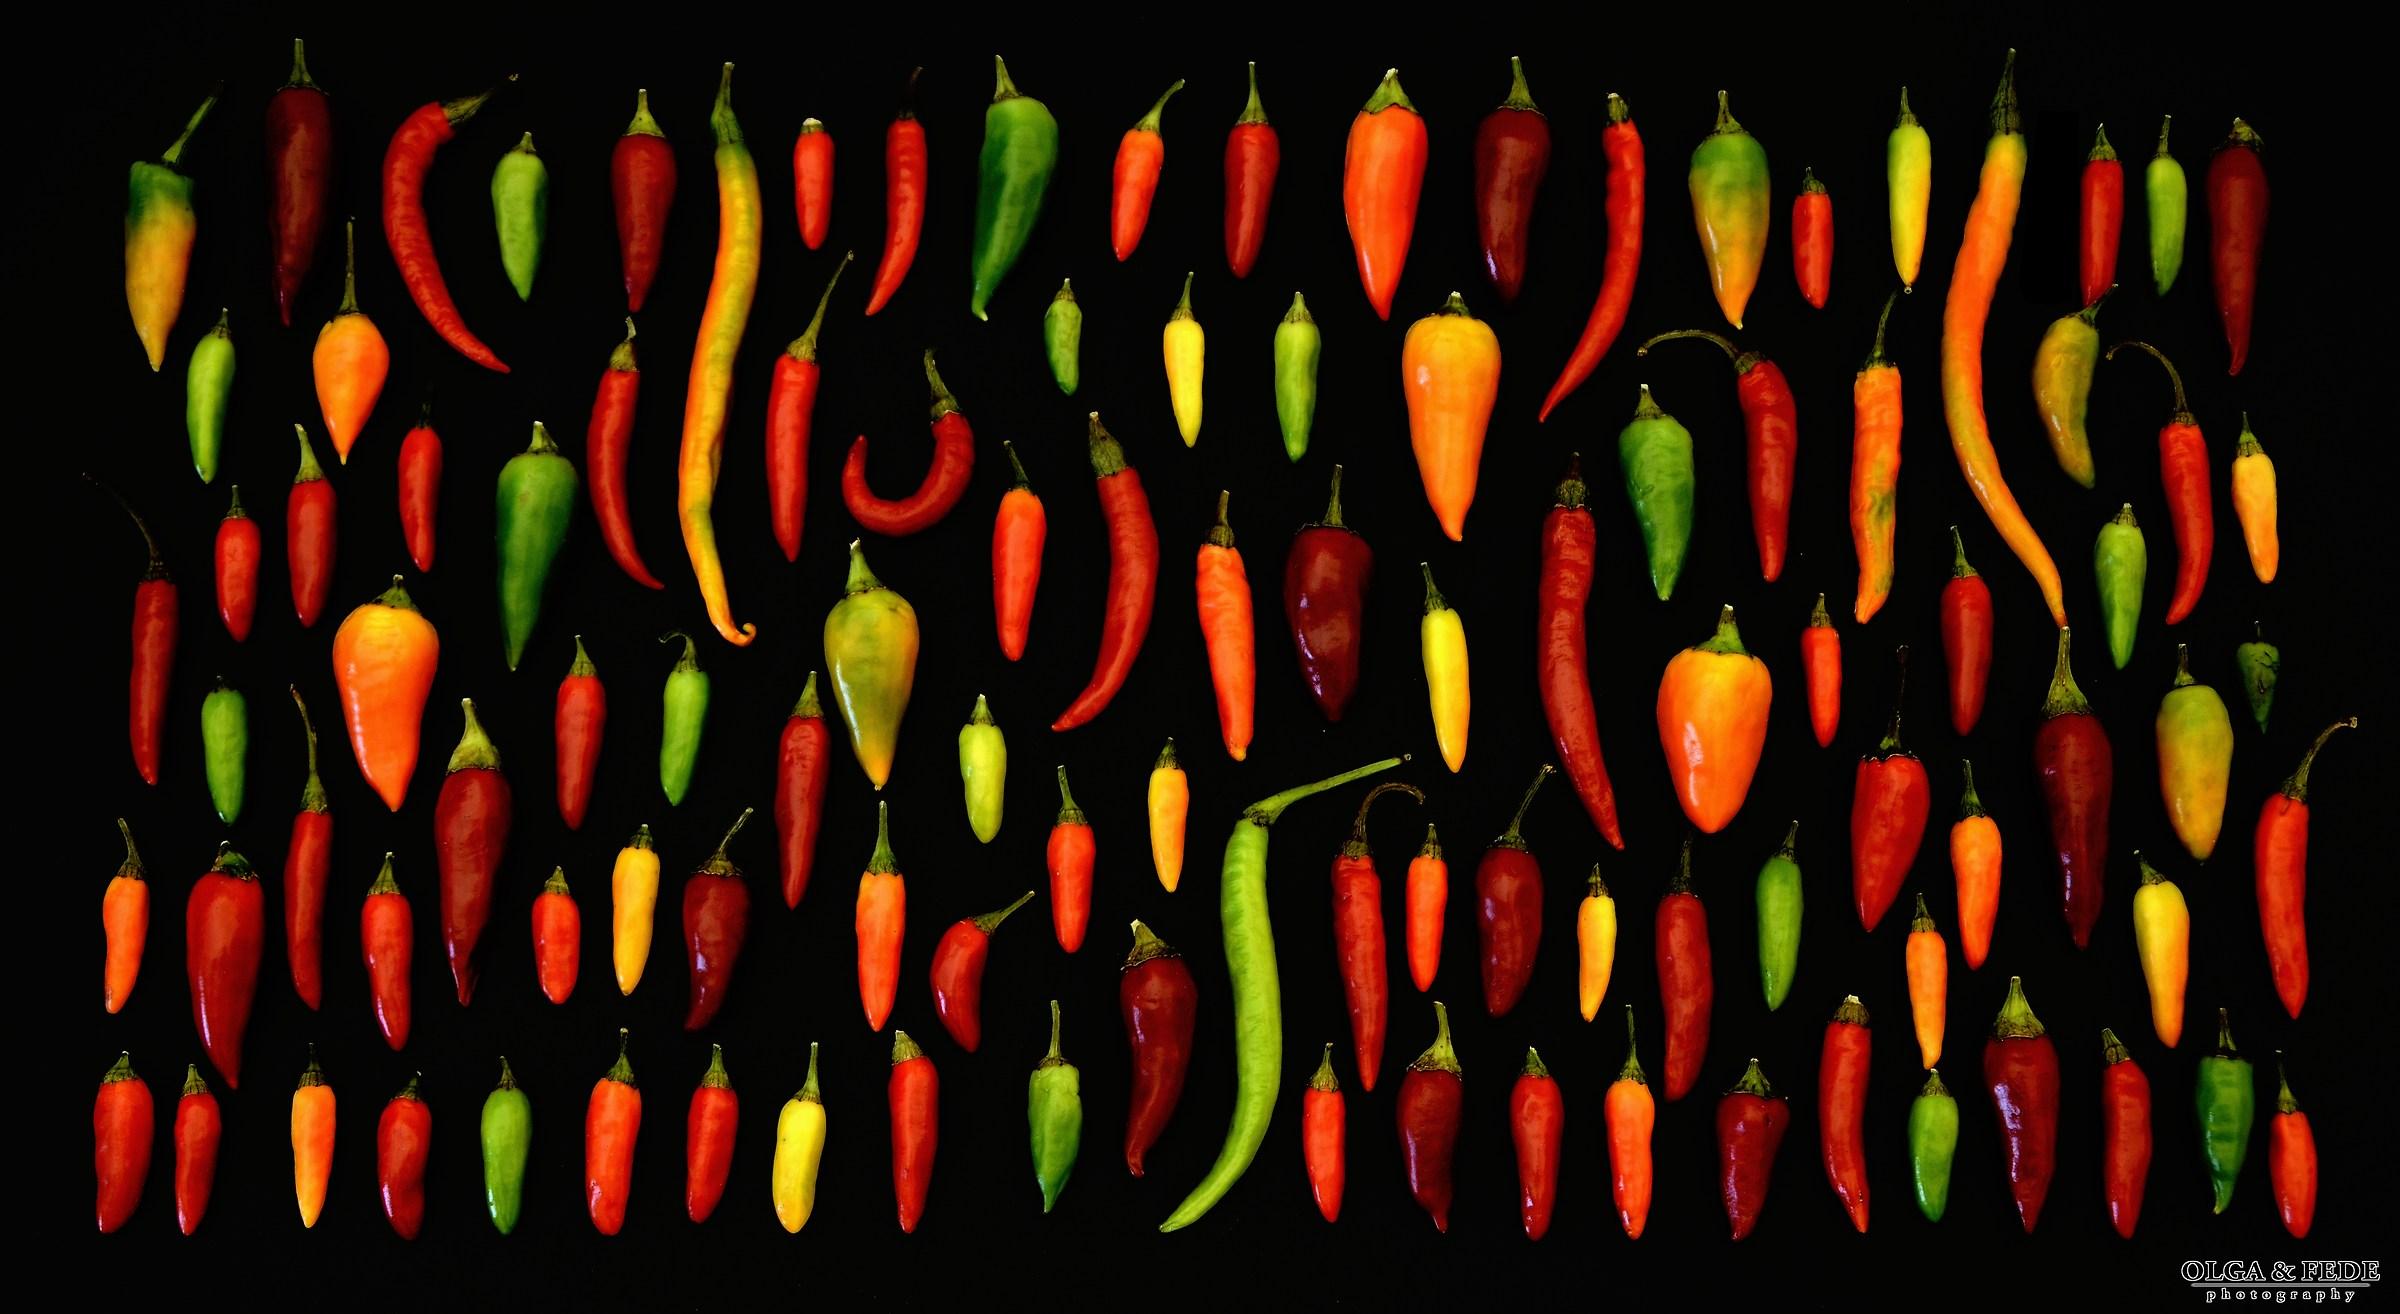 Spicy photo...